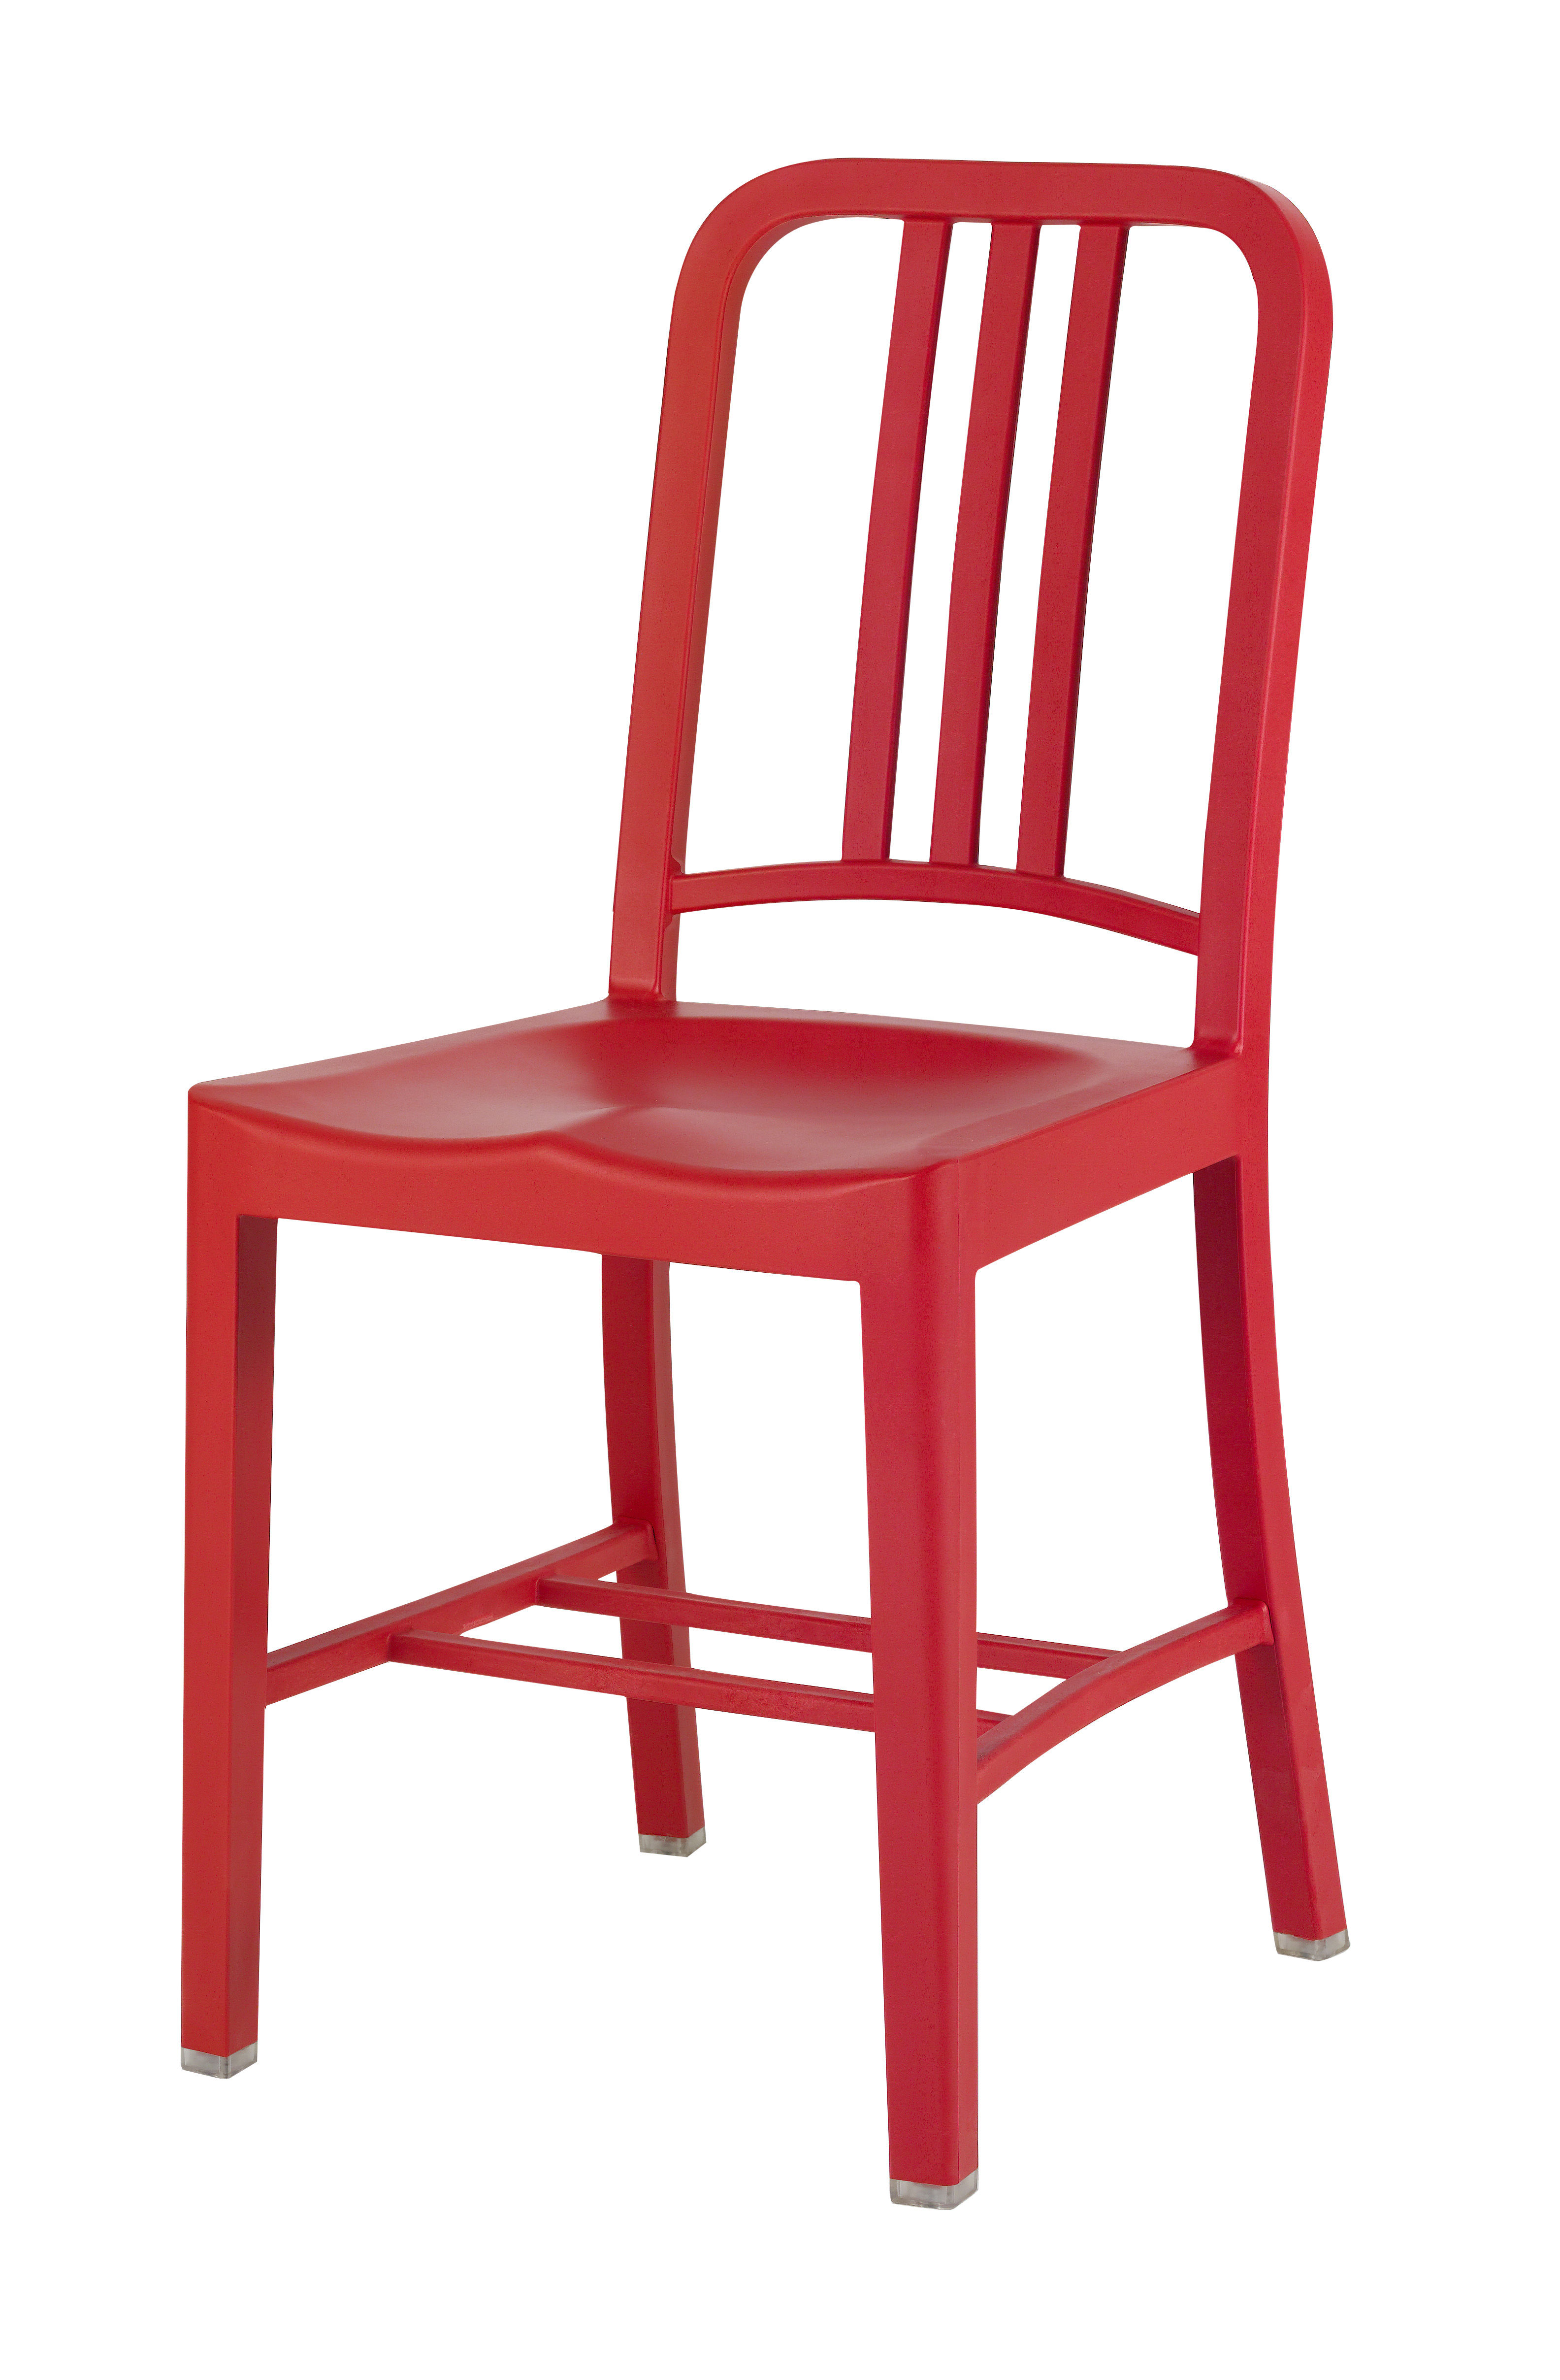 Mobilier - Chaises, fauteuils de salle à manger - Chaise 111 Navy chair Outdoor / Plastique recyclé - Emeco - Rouge (outdoor) - Fibre de verre, PET